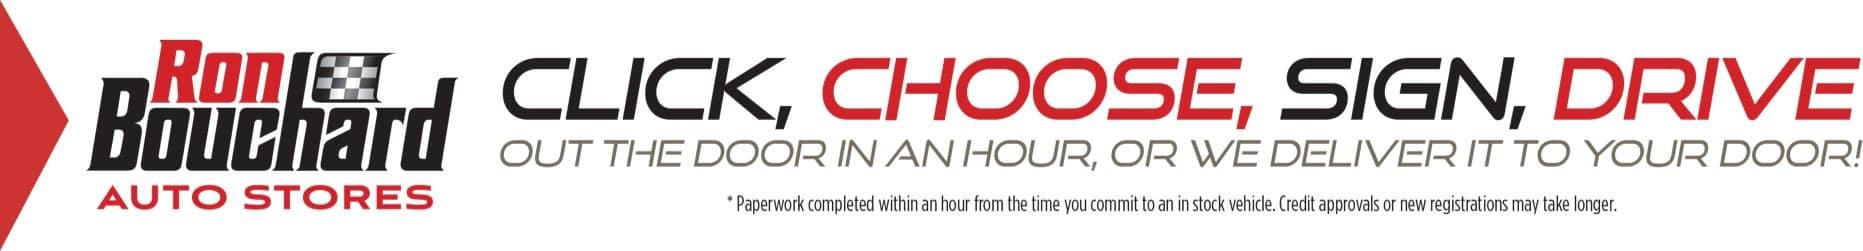 click choose sign